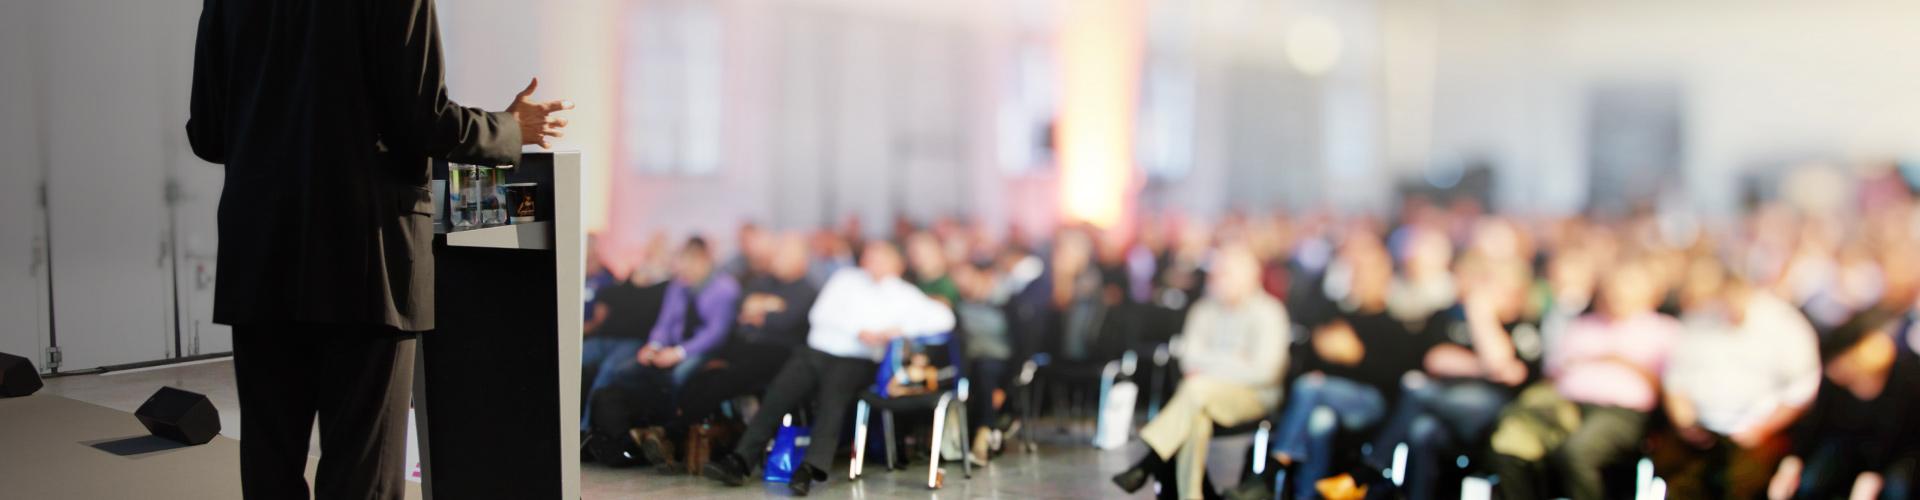 Demain je parle en public - Les méthodes pour réussir et être à l'aise à l'oral